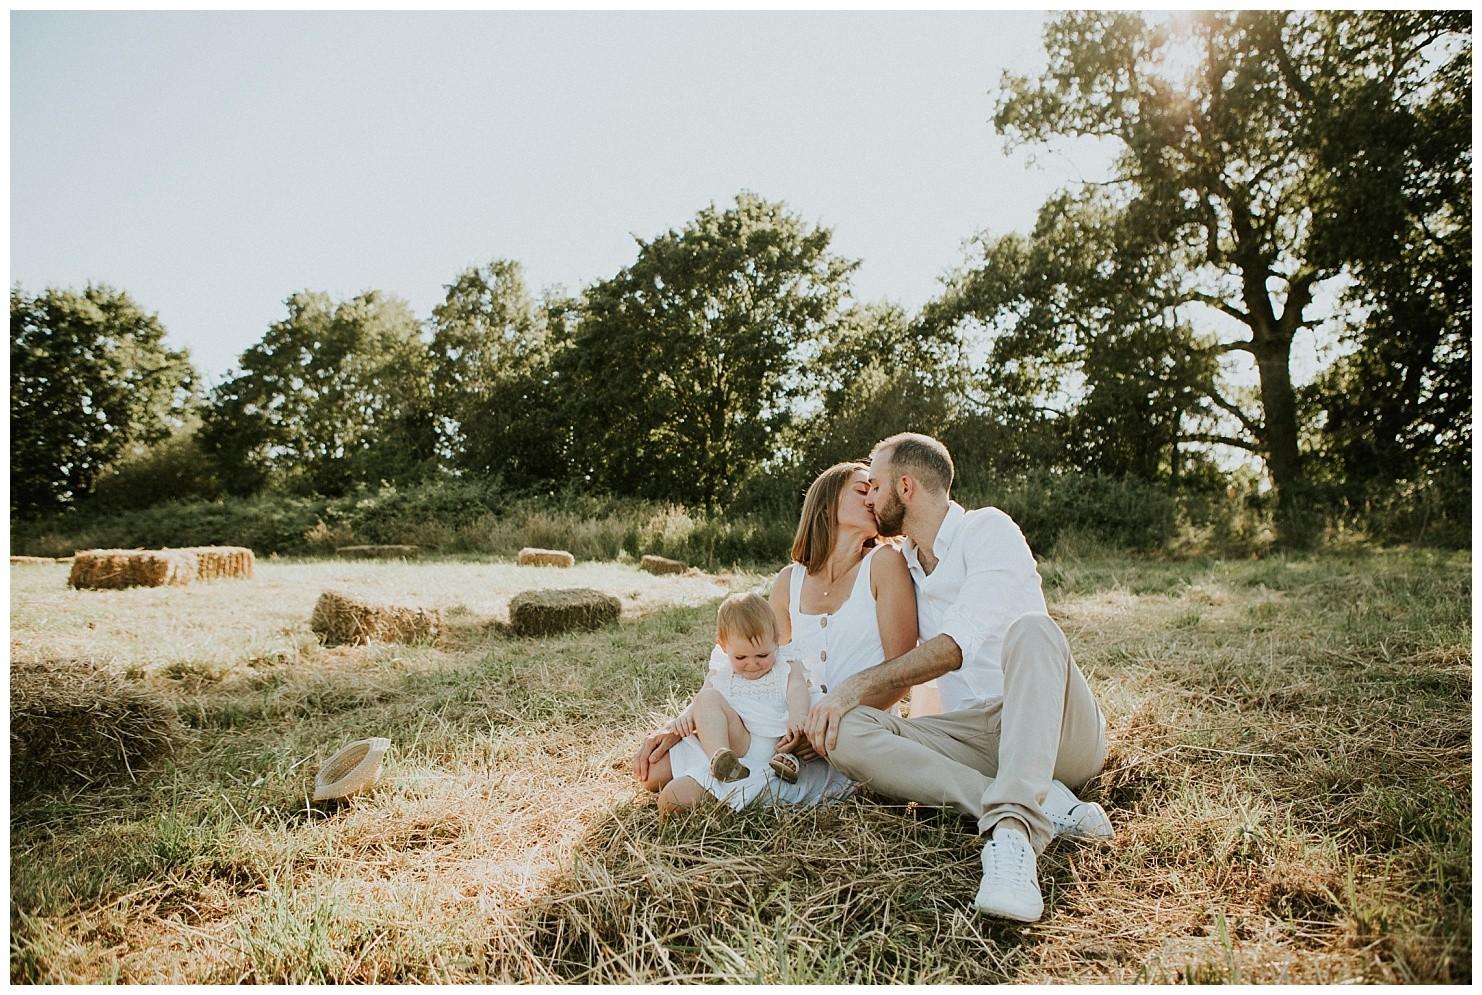 Kateryna-photos-photogrape-famille-le-mans_0272.jpg